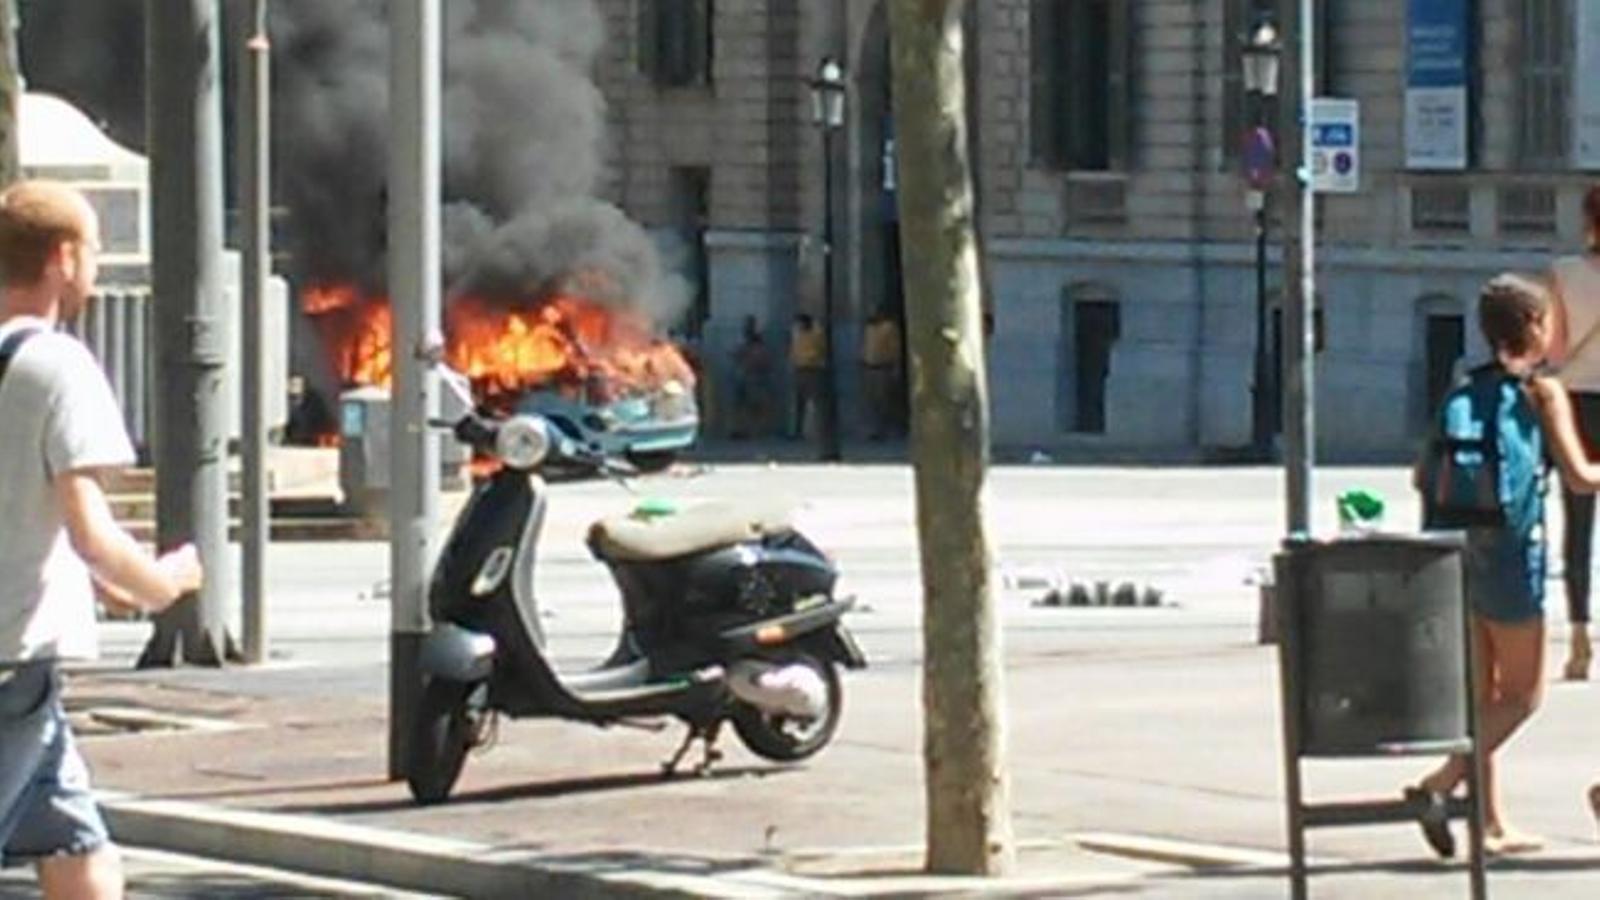 Espectacular inendi d'un cotxe al Passeig de Gràcia